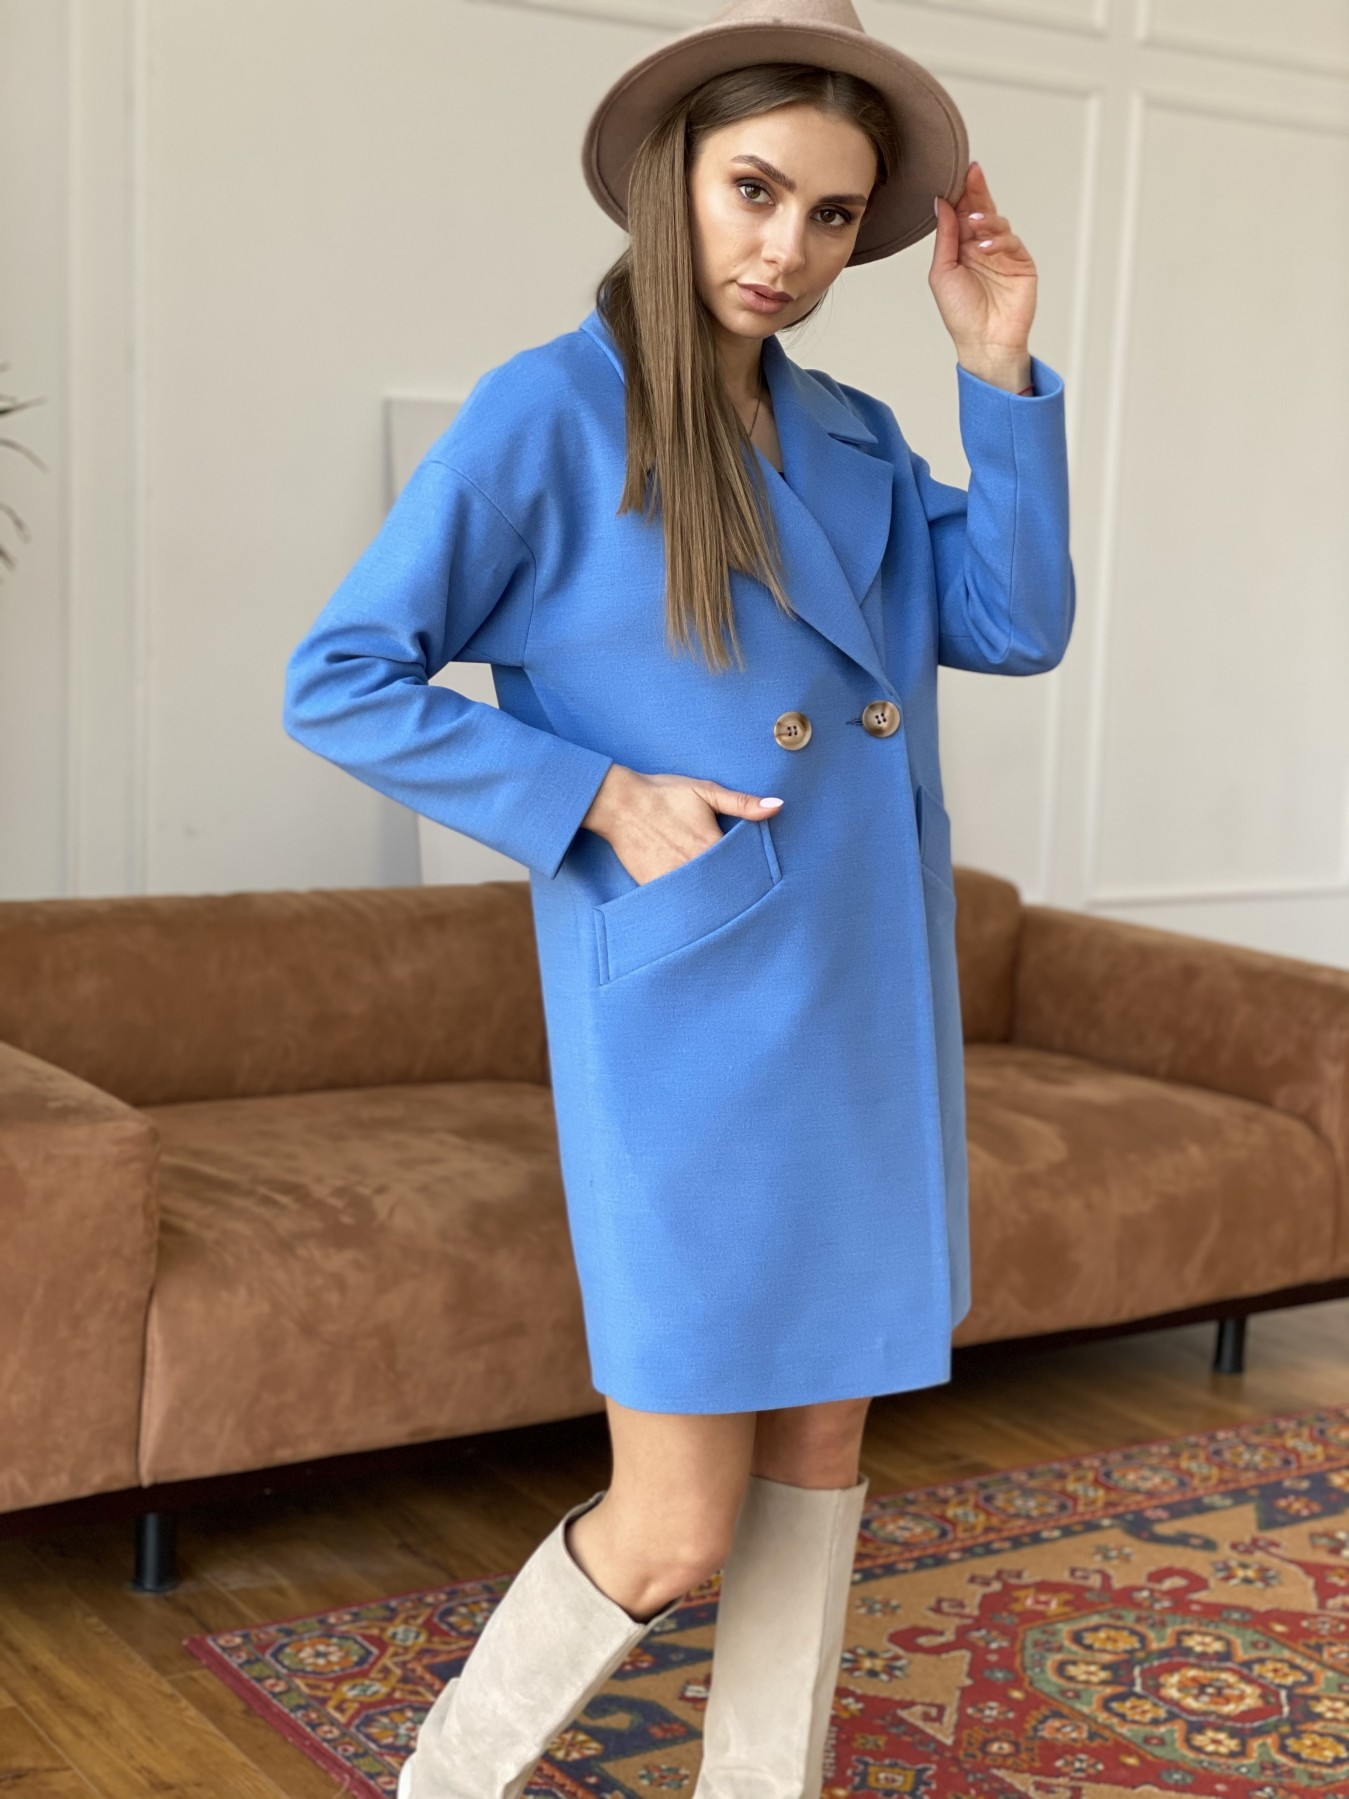 Сенсей пальто из кашемира 10572 АРТ. 47572 Цвет: Голубой - фото 4, интернет магазин tm-modus.ru